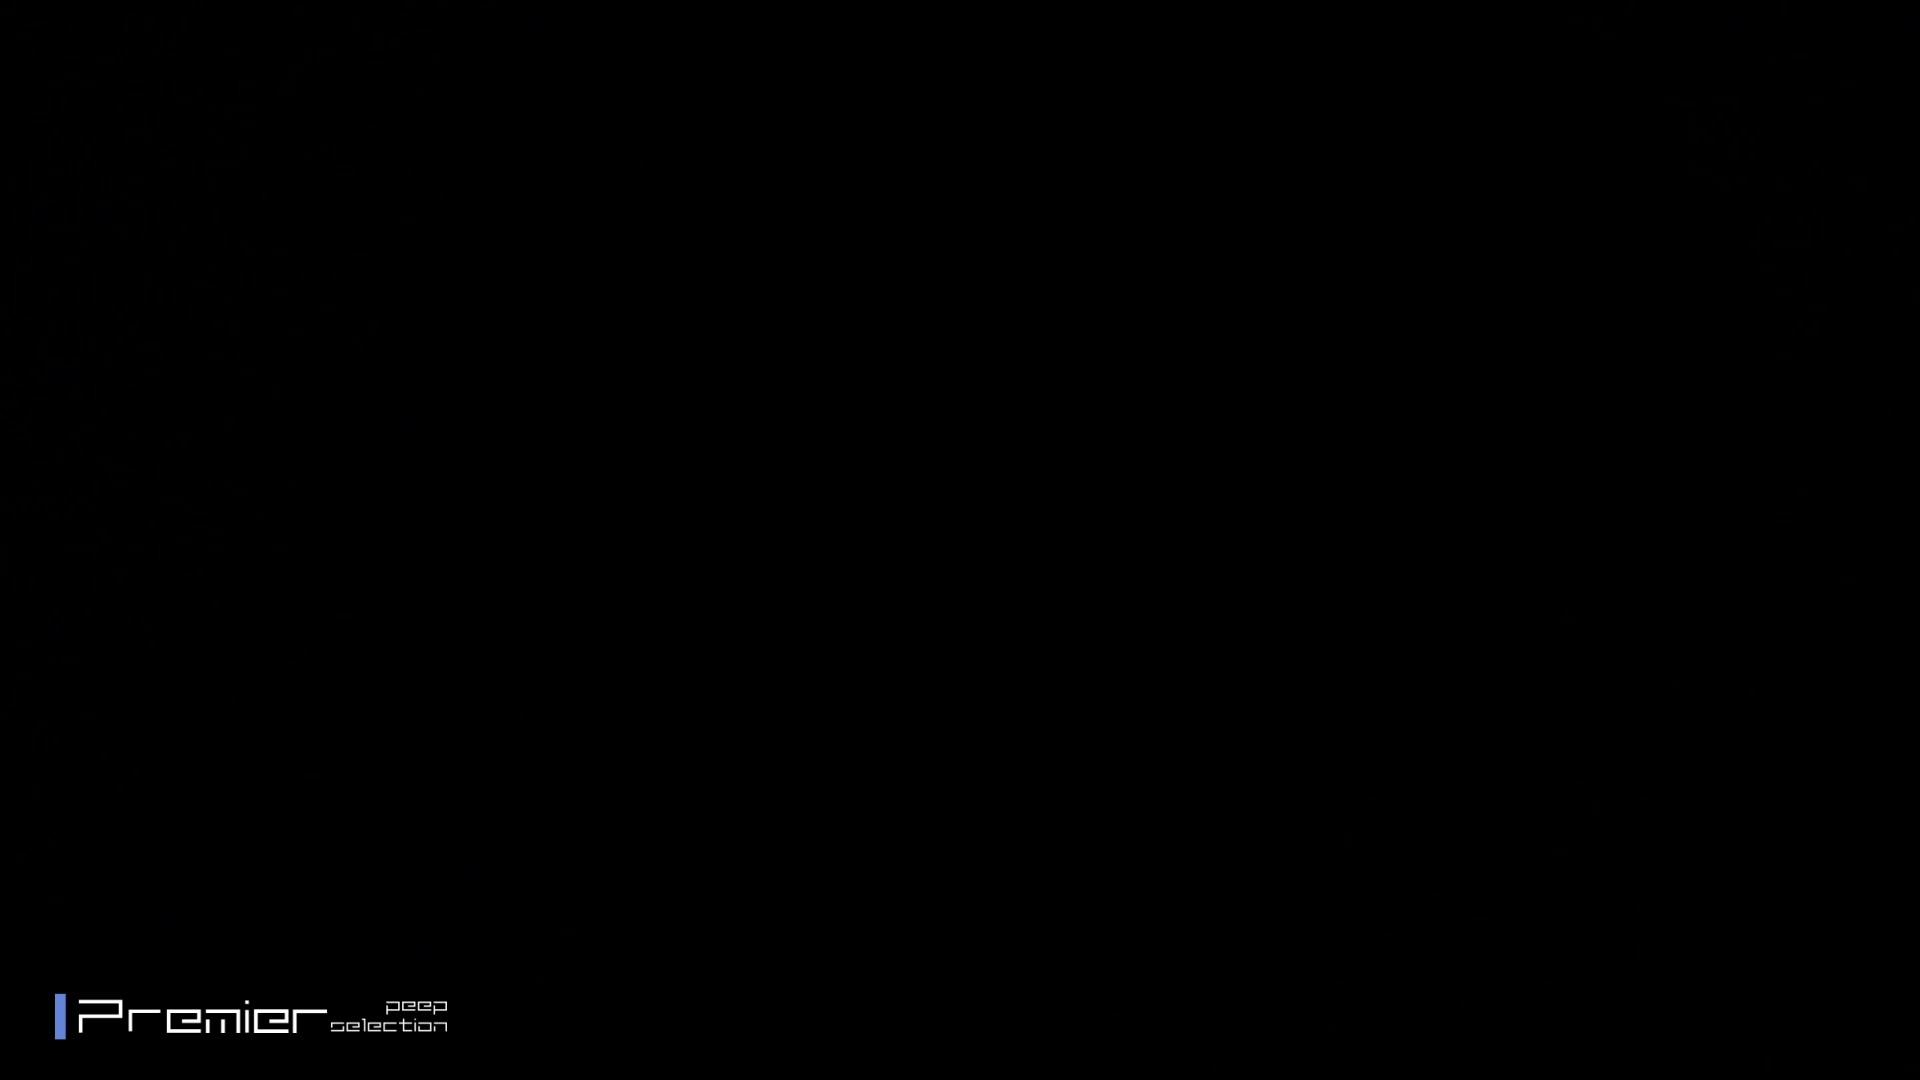 シャワーのお湯を跳ね返すお肌 乙女の風呂場 Vol.03 細身体型 オメコ動画キャプチャ 108枚 4